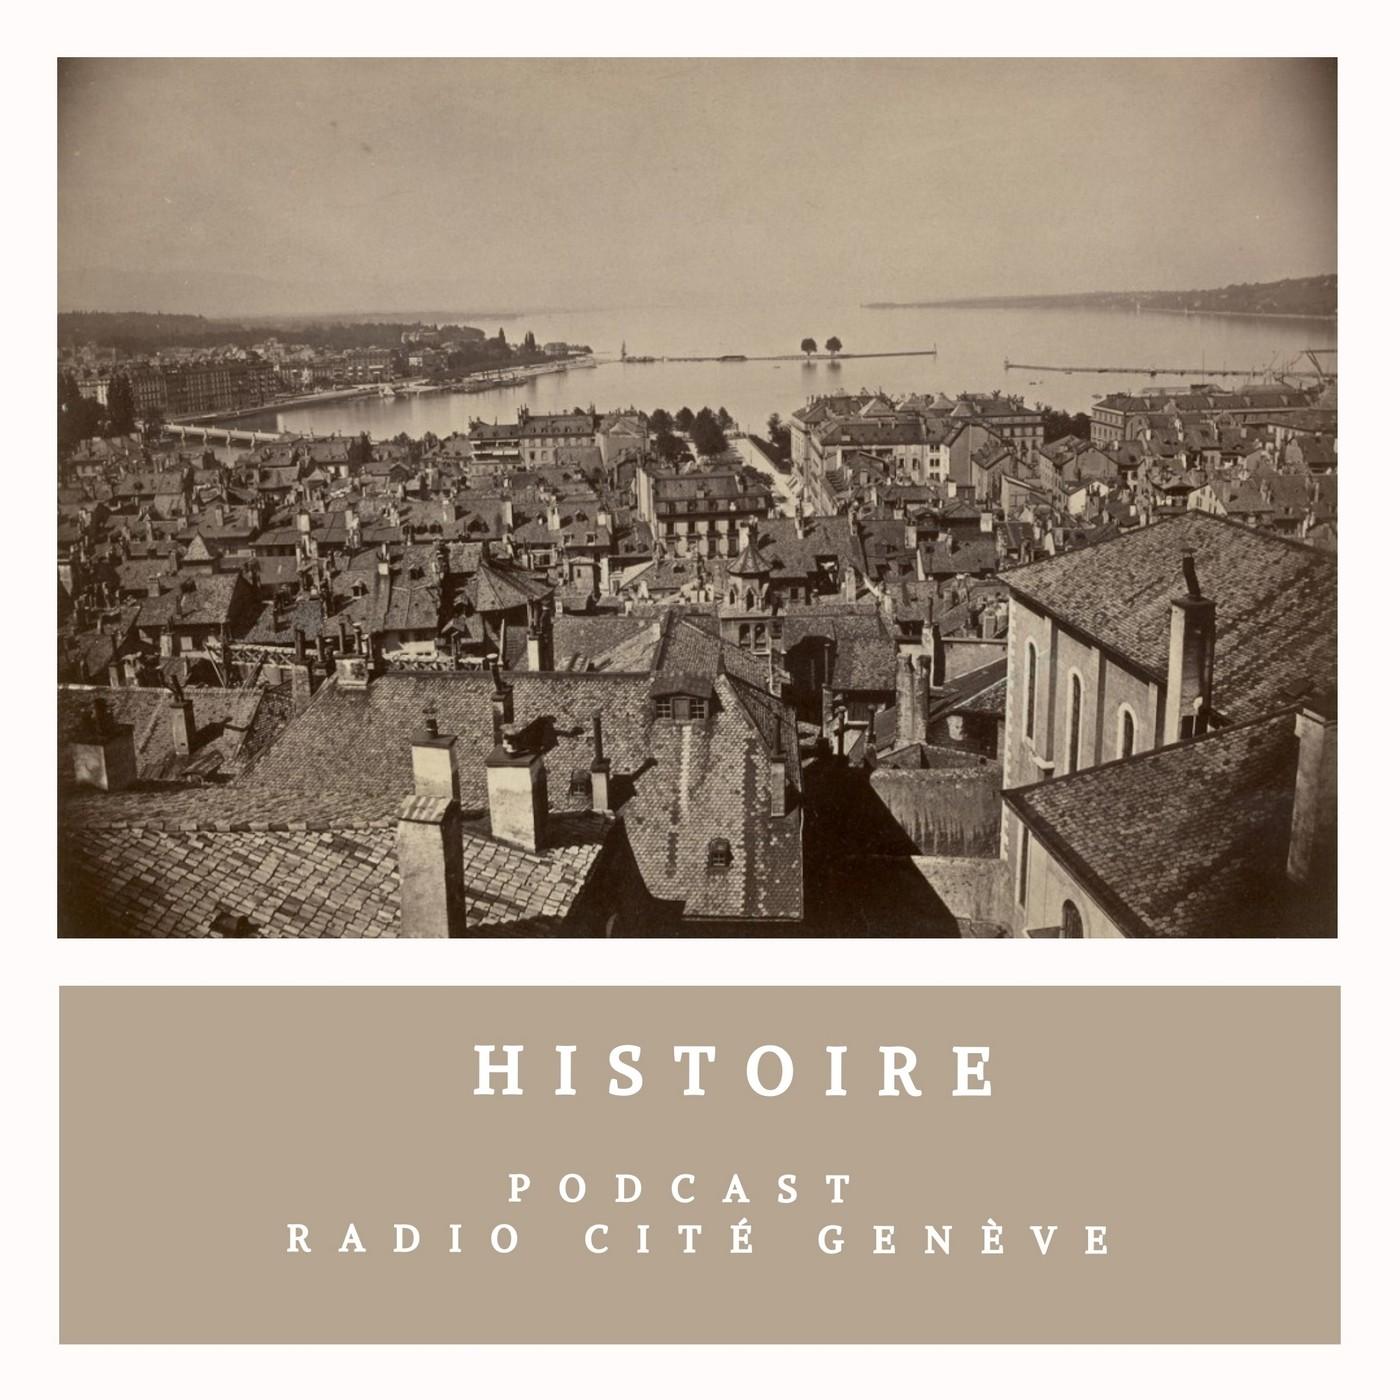 Histoire - 26/02/21 - Les années 60/70 à Genève